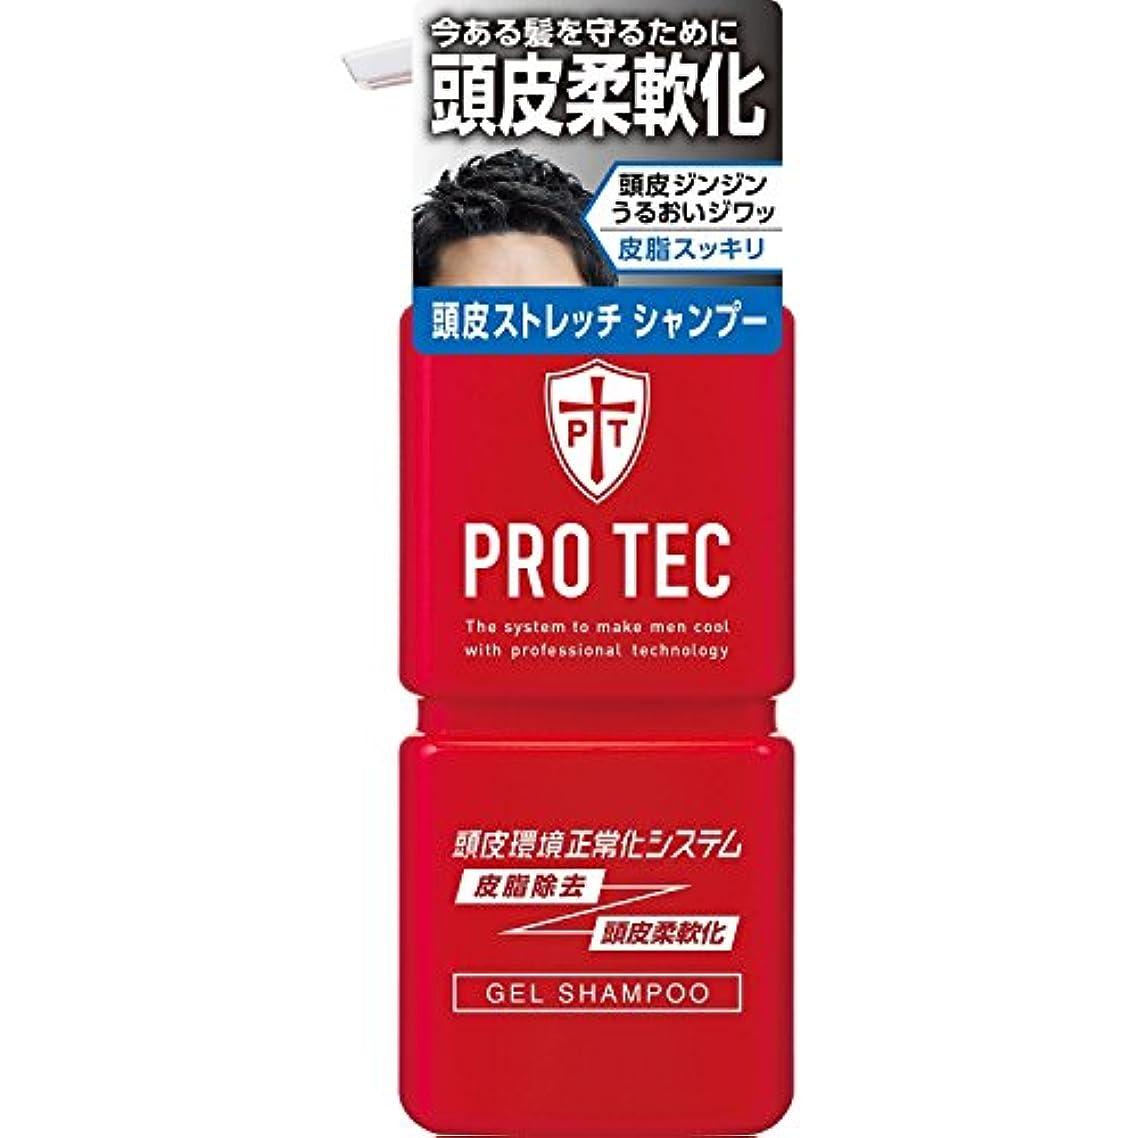 対インポート傾向がありますPRO TEC(プロテク) 頭皮ストレッチ シャンプー 本体ポンプ 300g(医薬部外品)